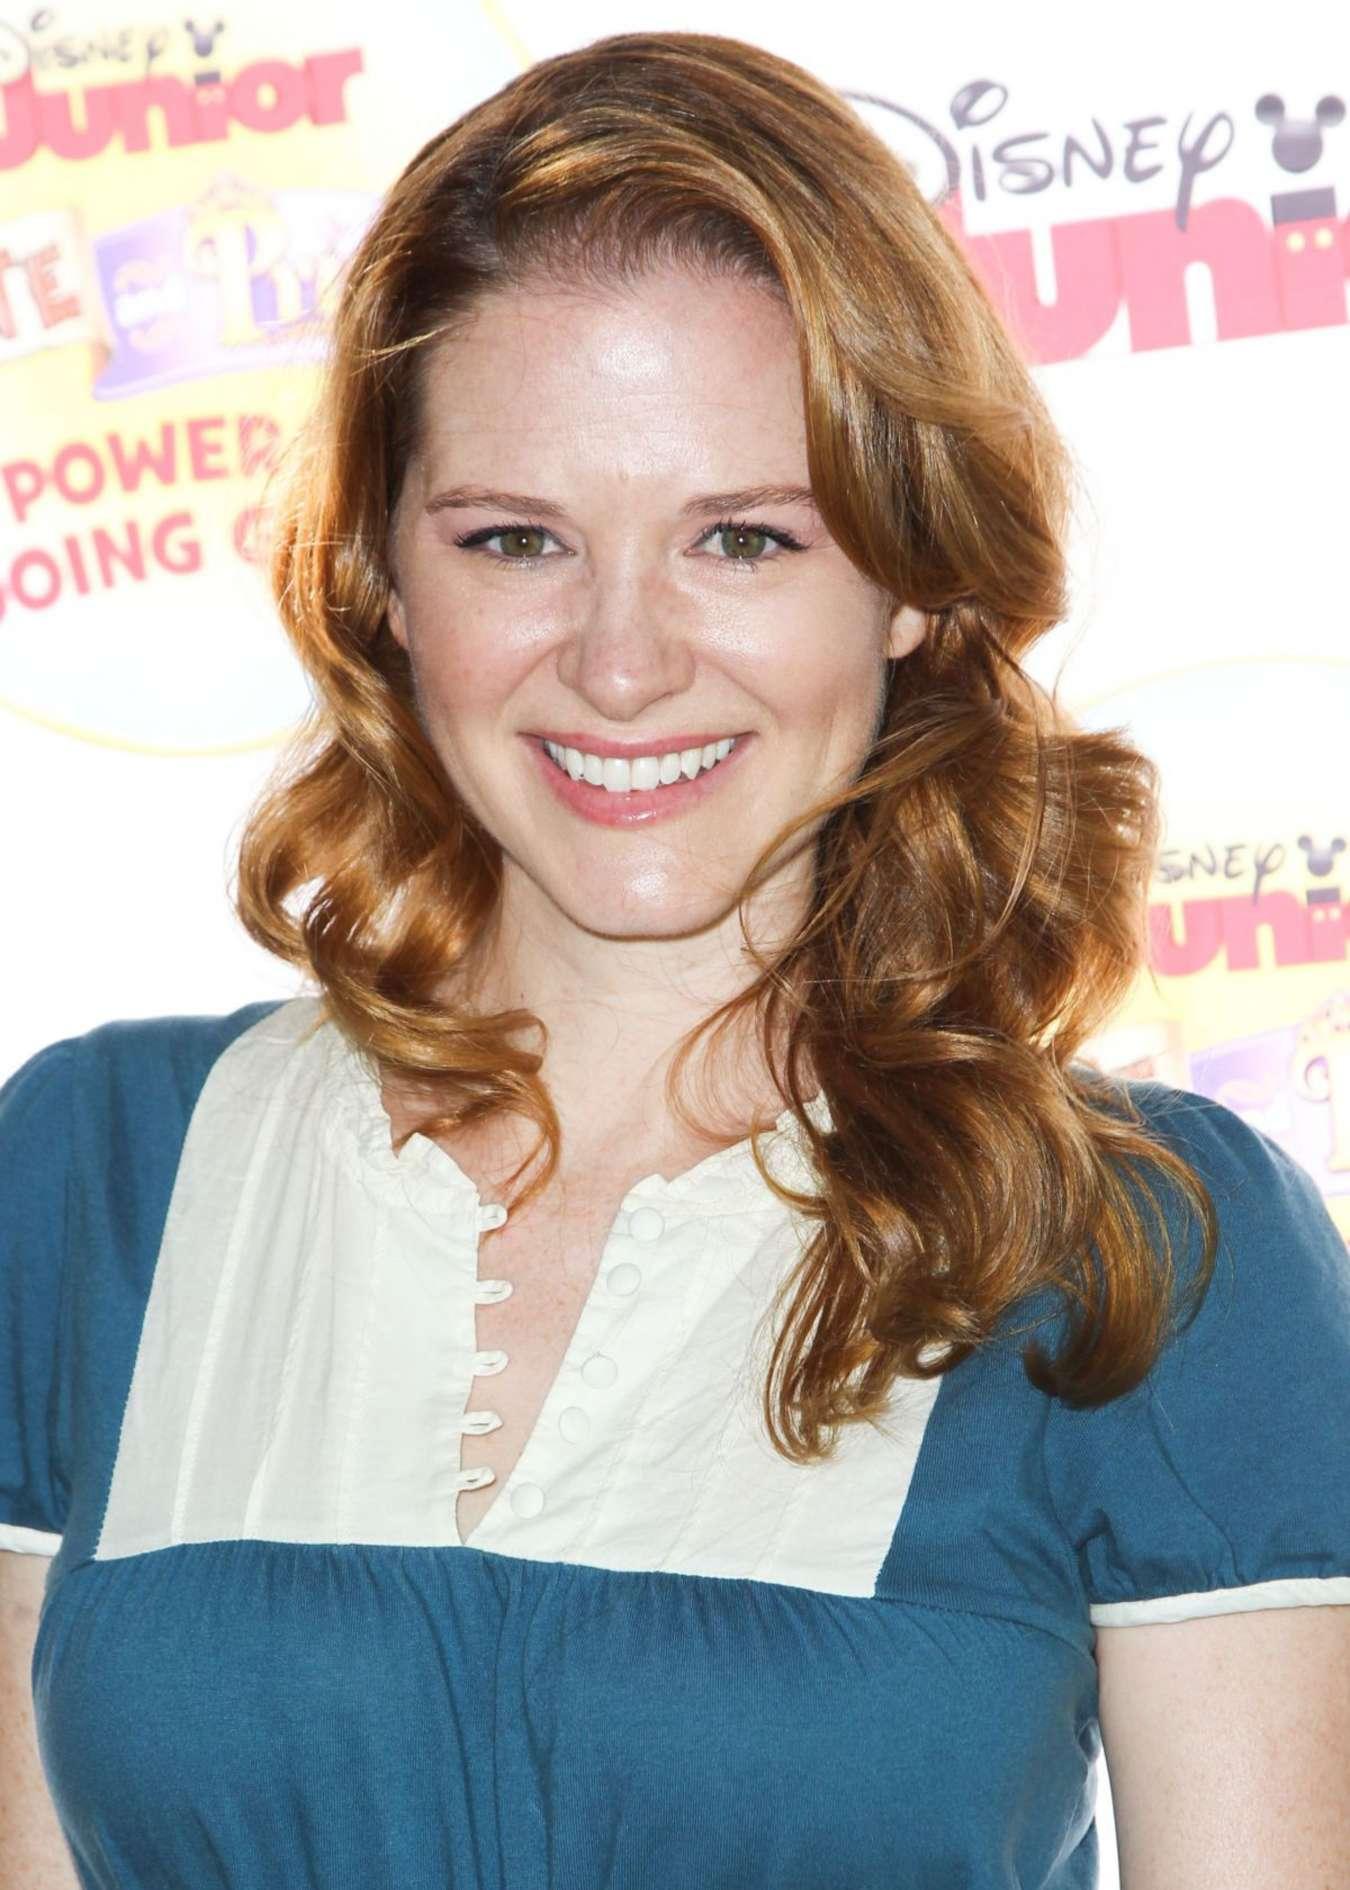 Sarah Drew Pirate and Princess Power of Doing Good Tour in Pasadena